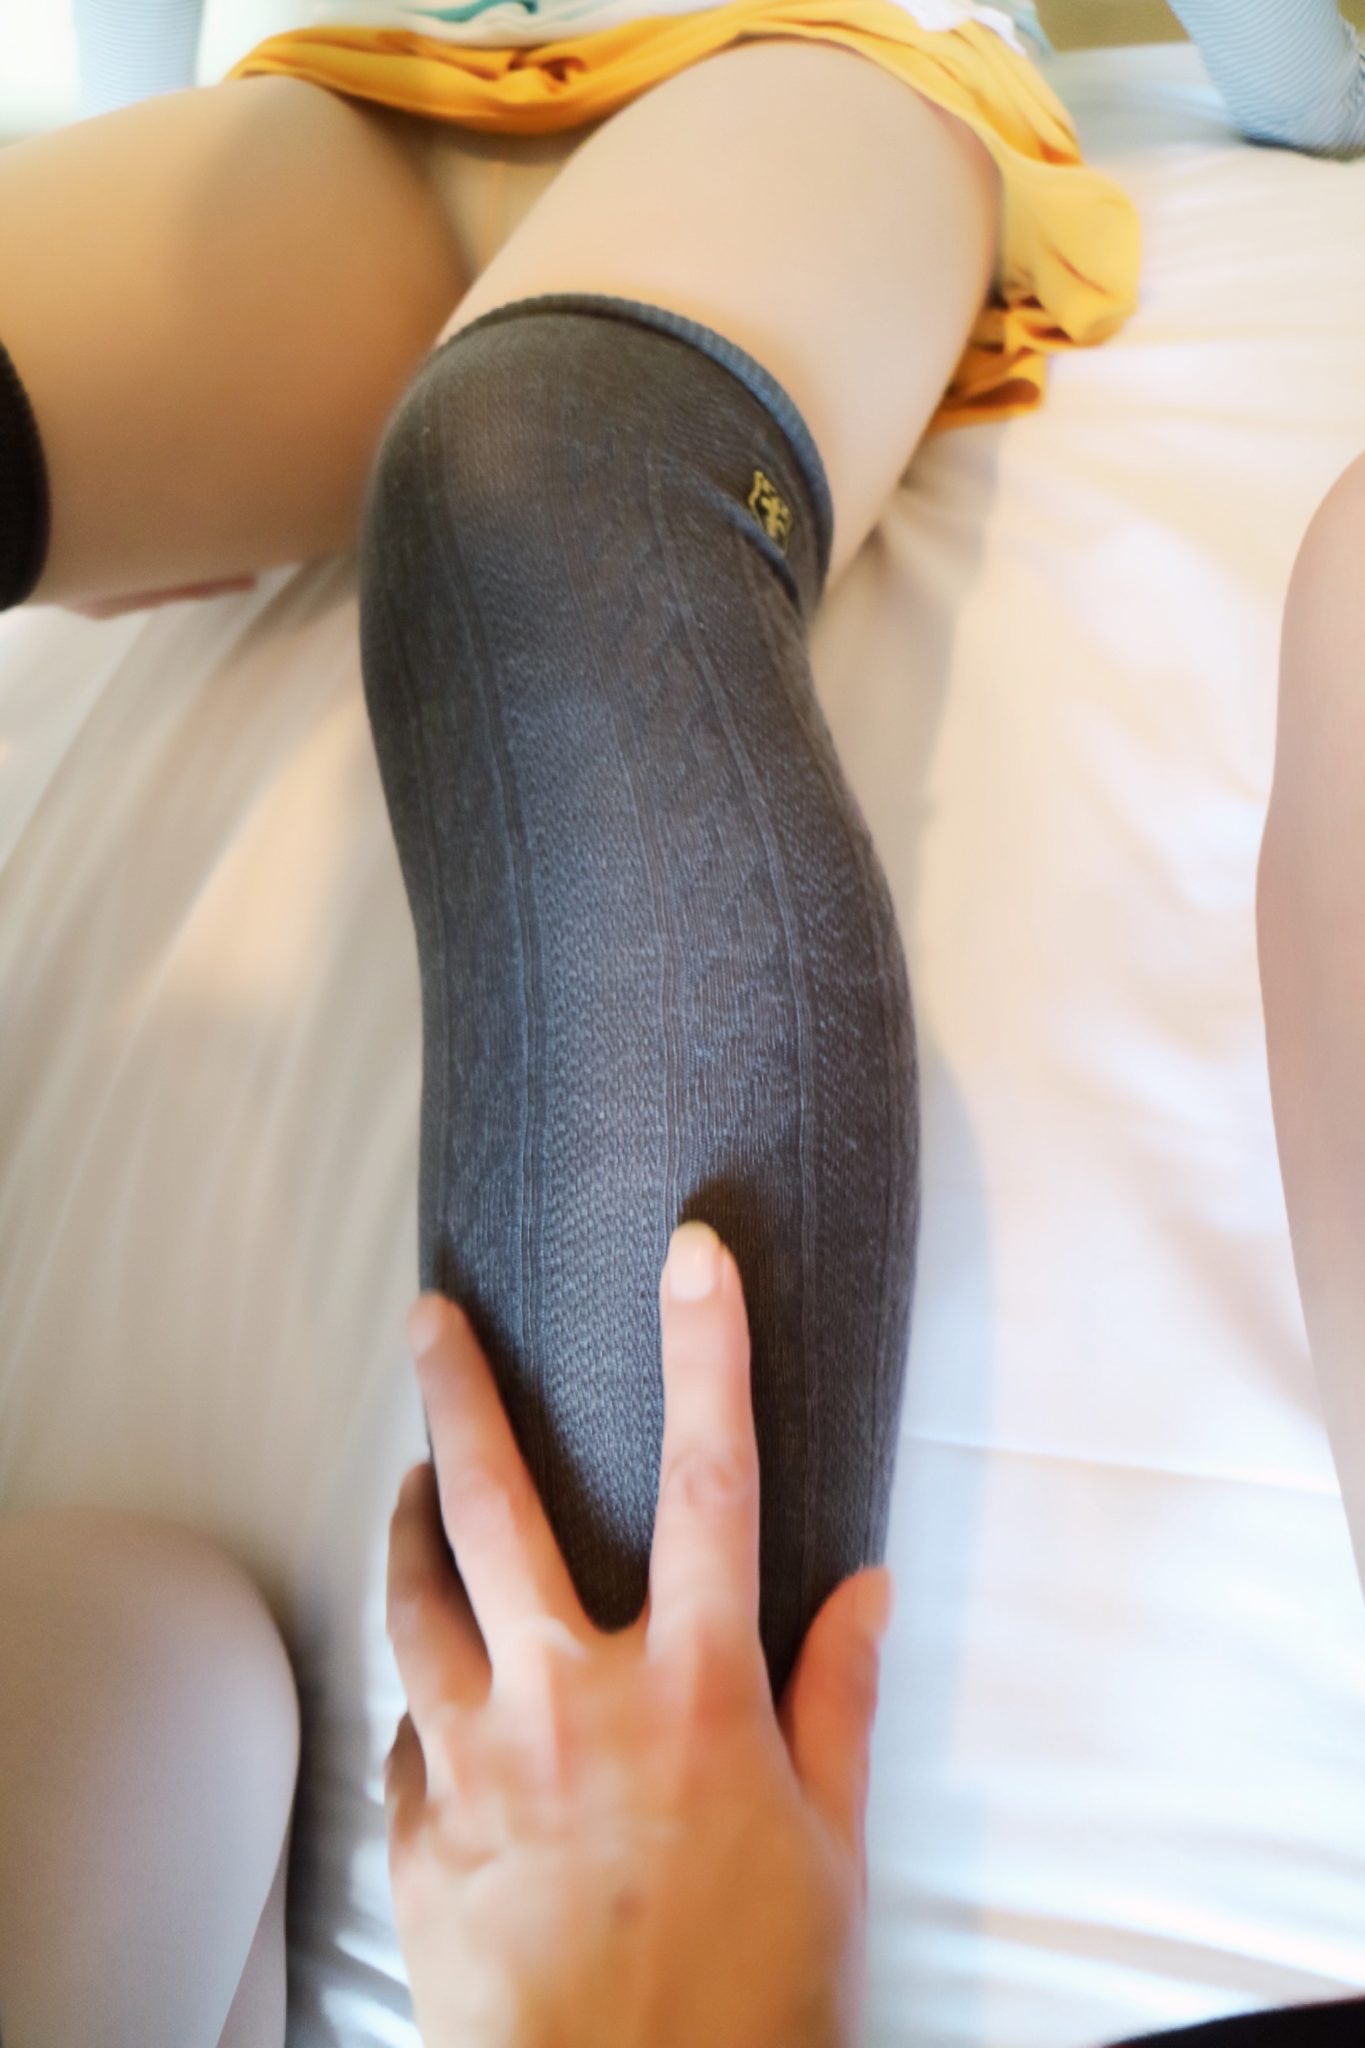 撮られて濡れて犯されて・・・女装3Pレズ&SMコース(ややソフト偏)・・フェミニン系OL女装 山下綾ちゃん編